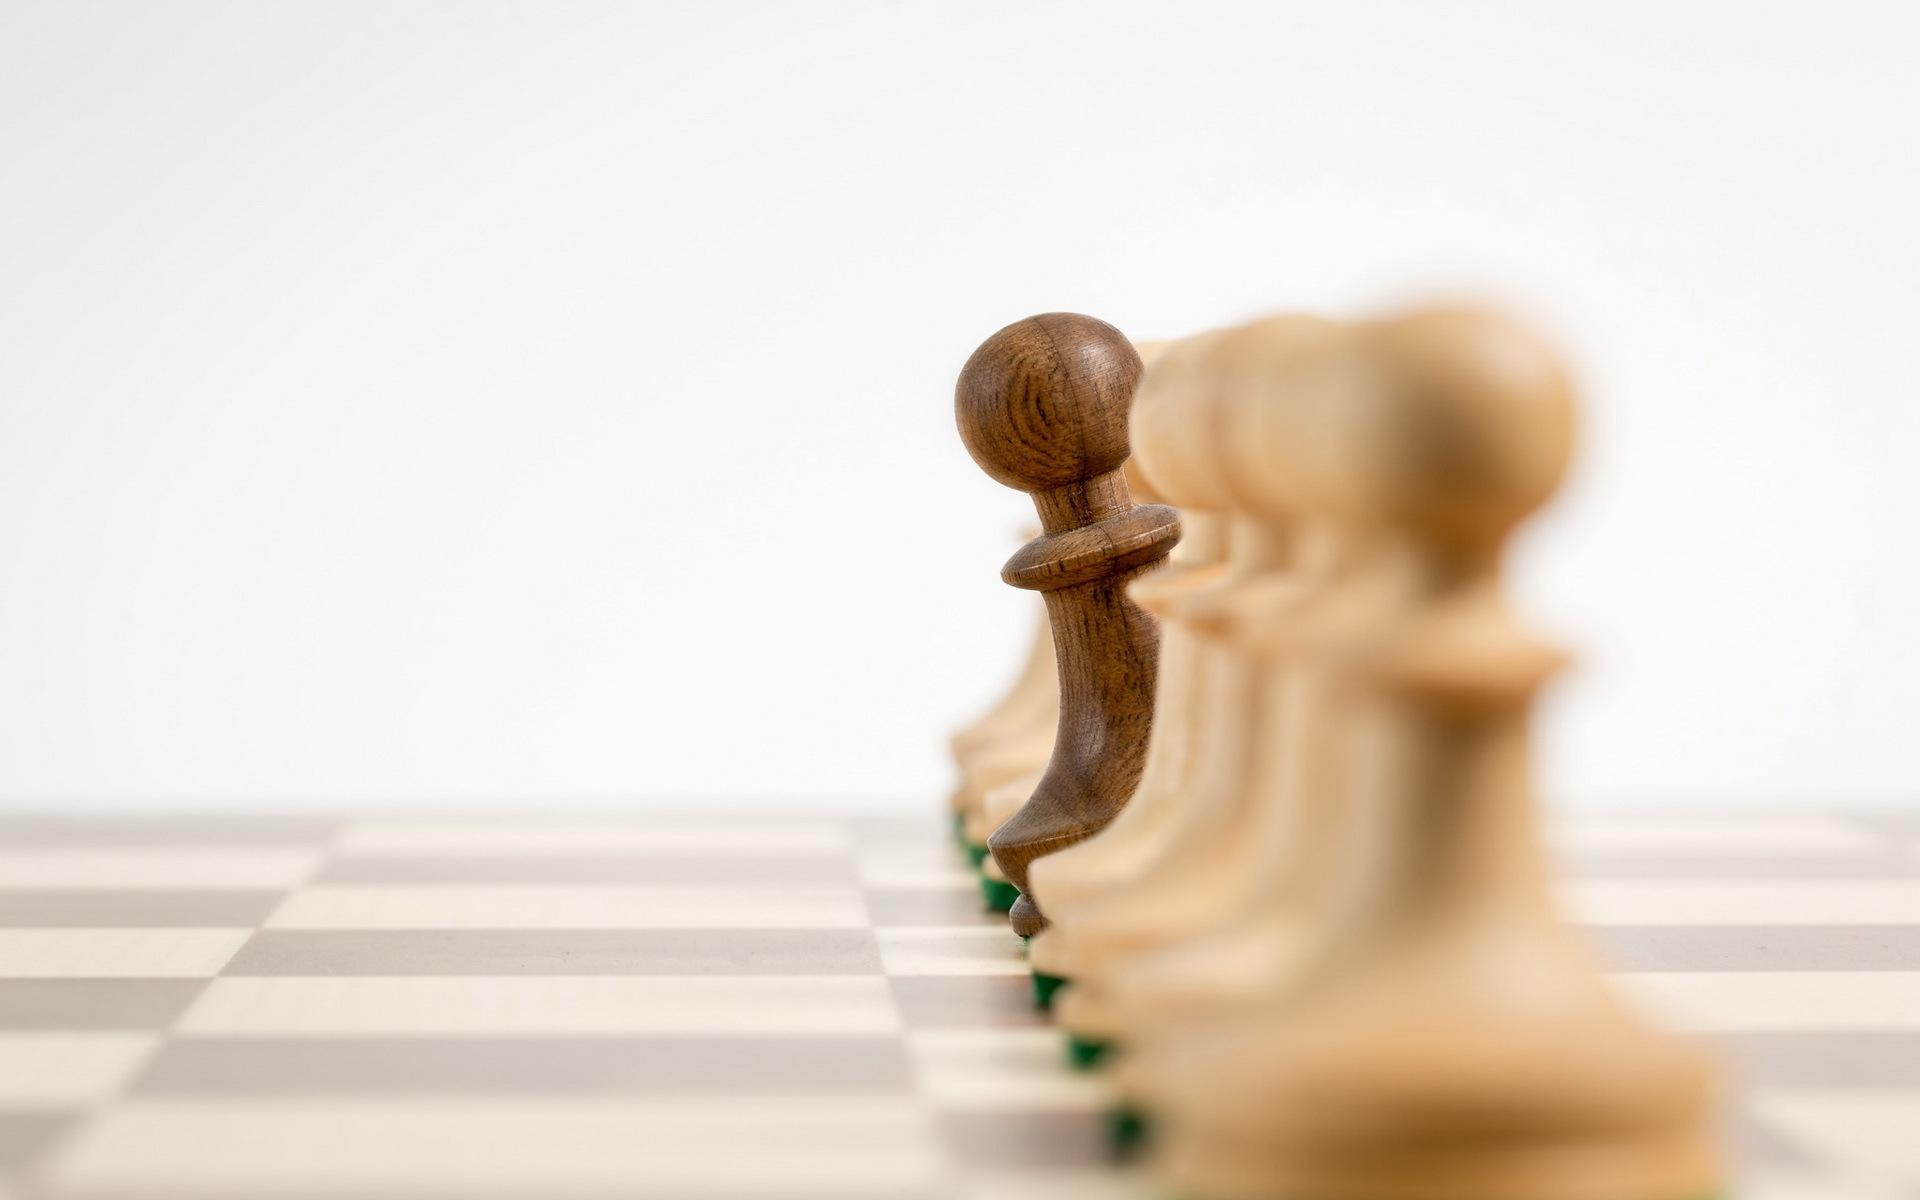 chess-pawns